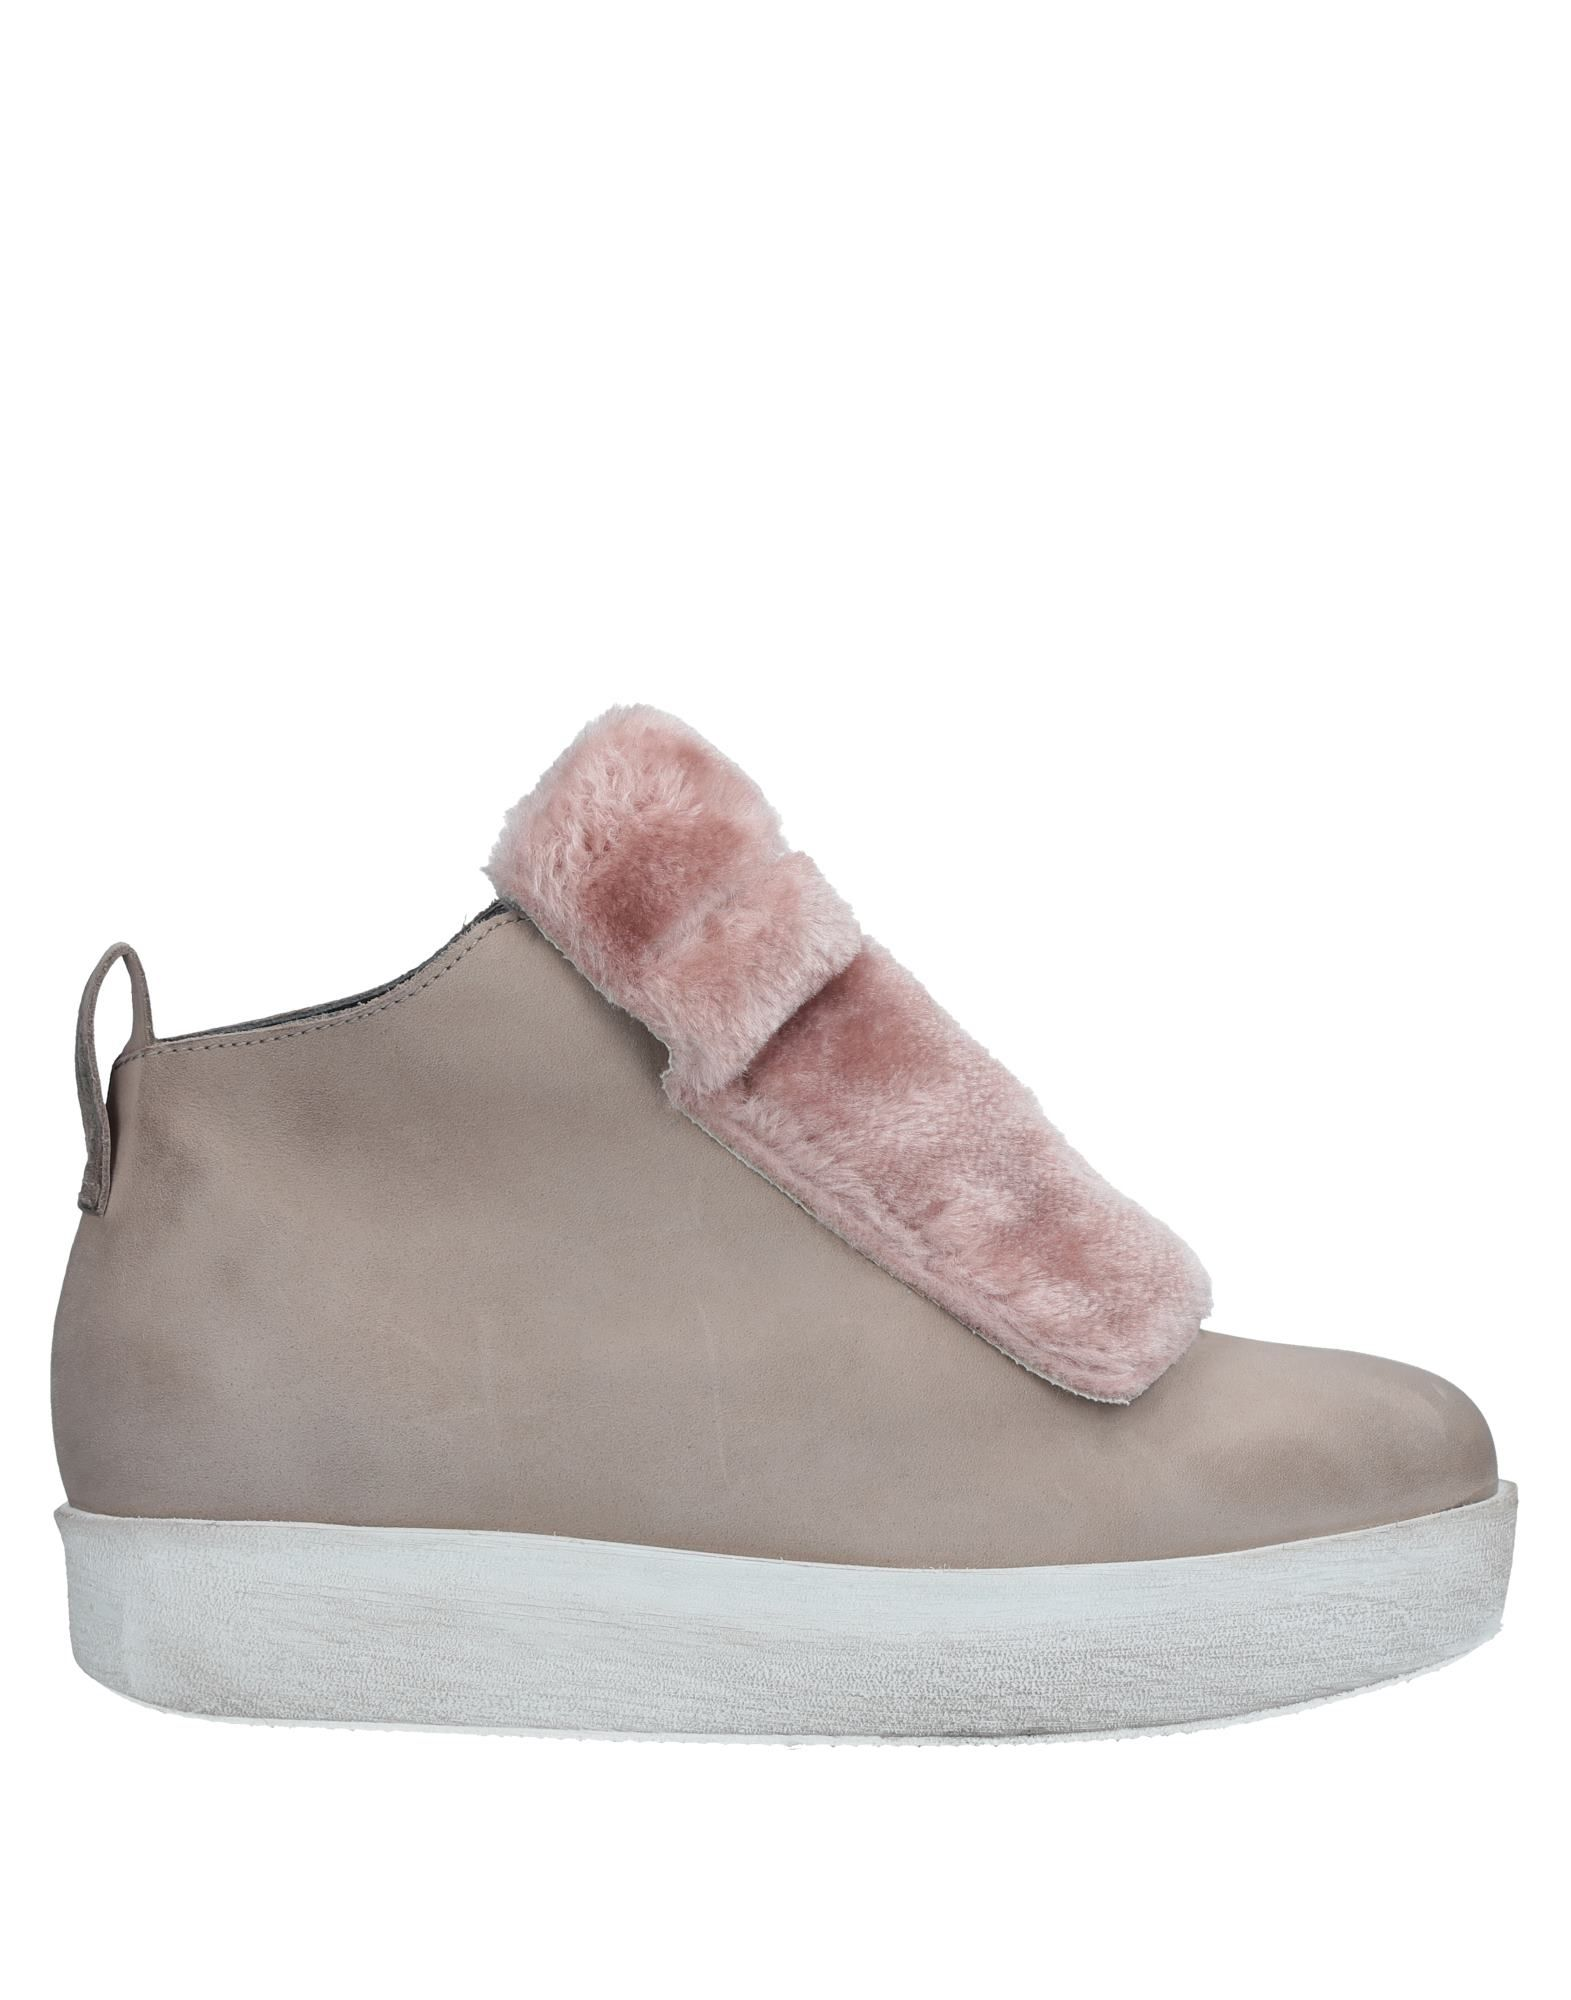 Andìa Fora Sneakers Damen  Schuhe 11530984IS Gute Qualität beliebte Schuhe  5429e0